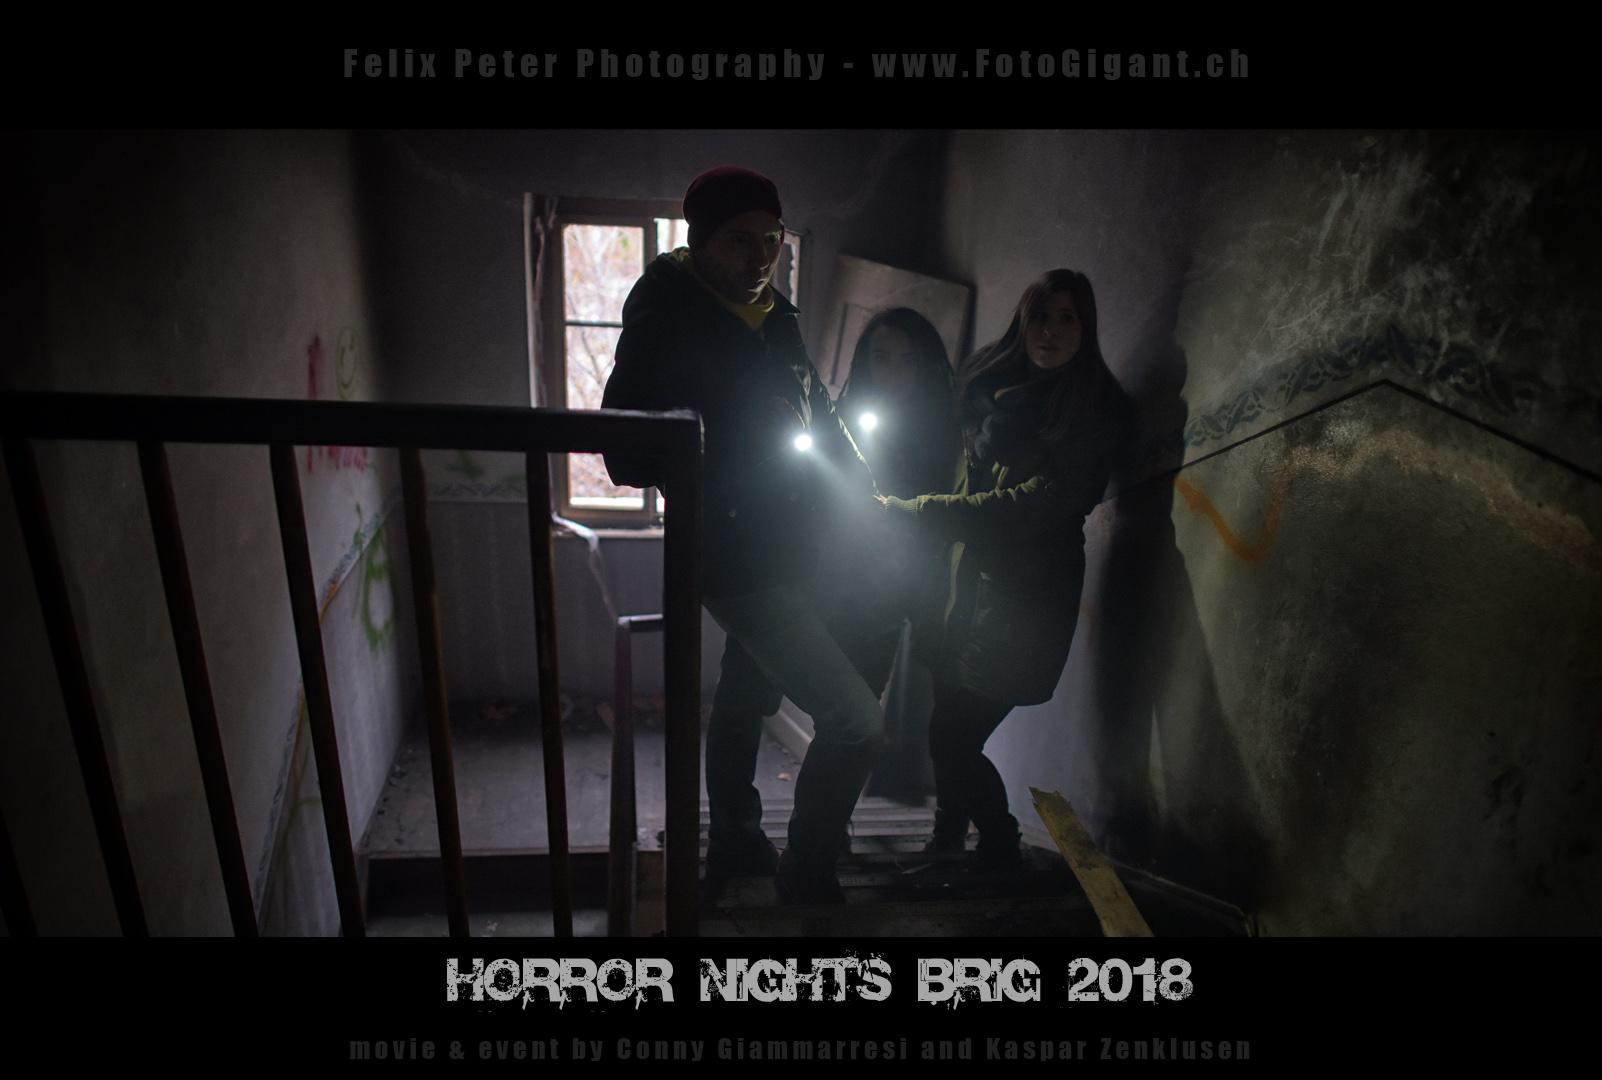 Horror Nights - 19/20 Oct 2018 Brig [CH]